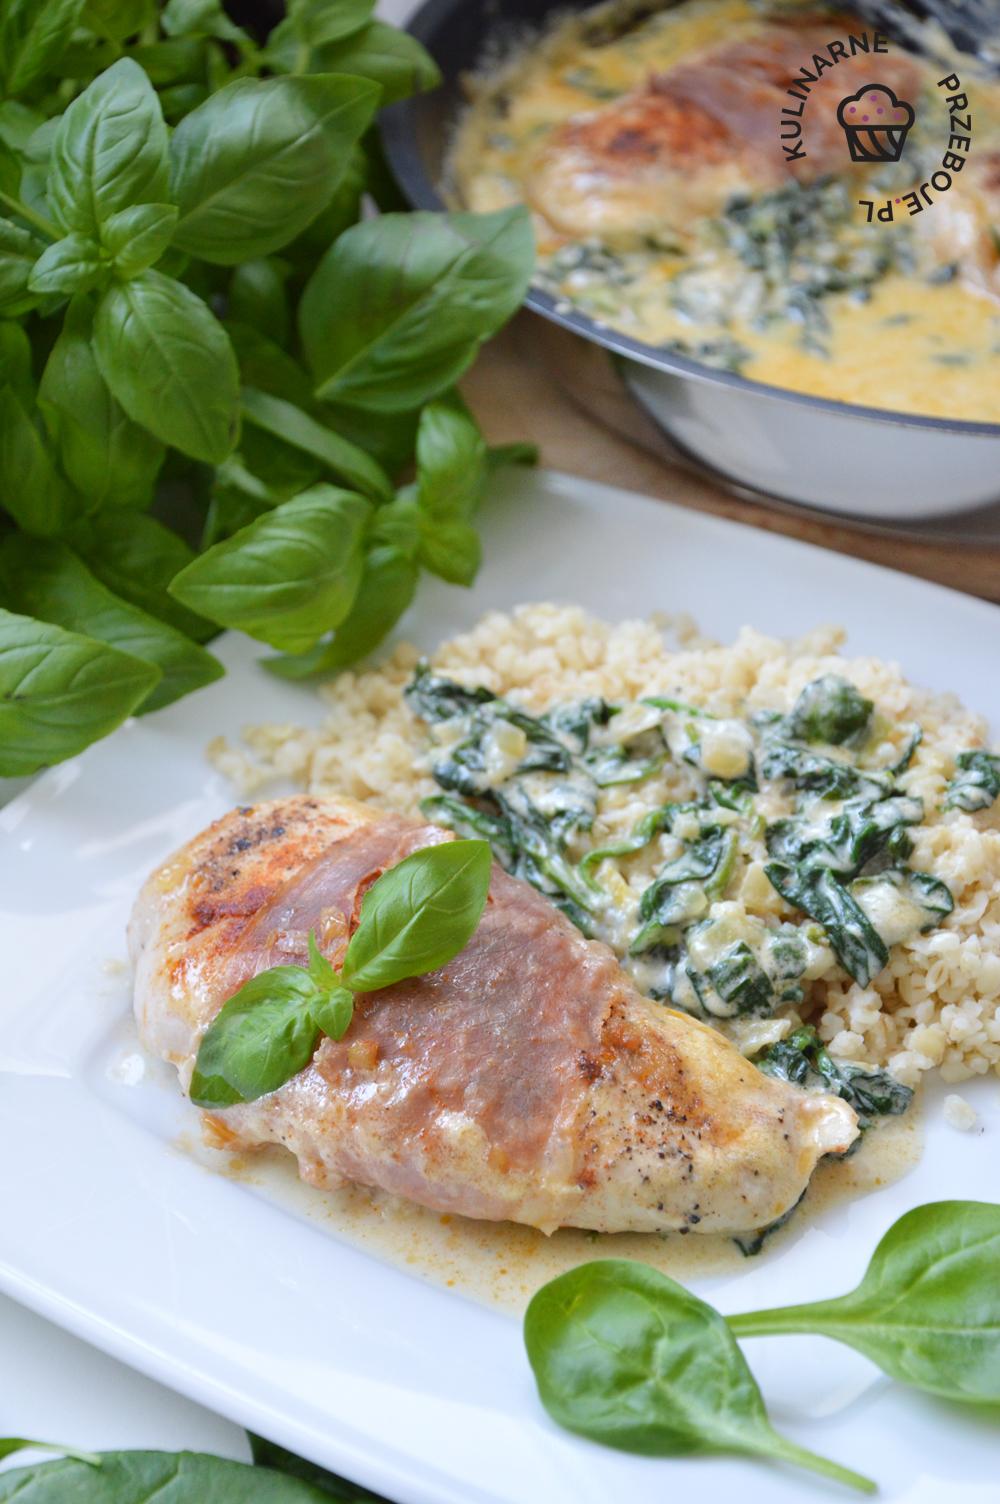 filety z kurczaka w sosie gorgonzola